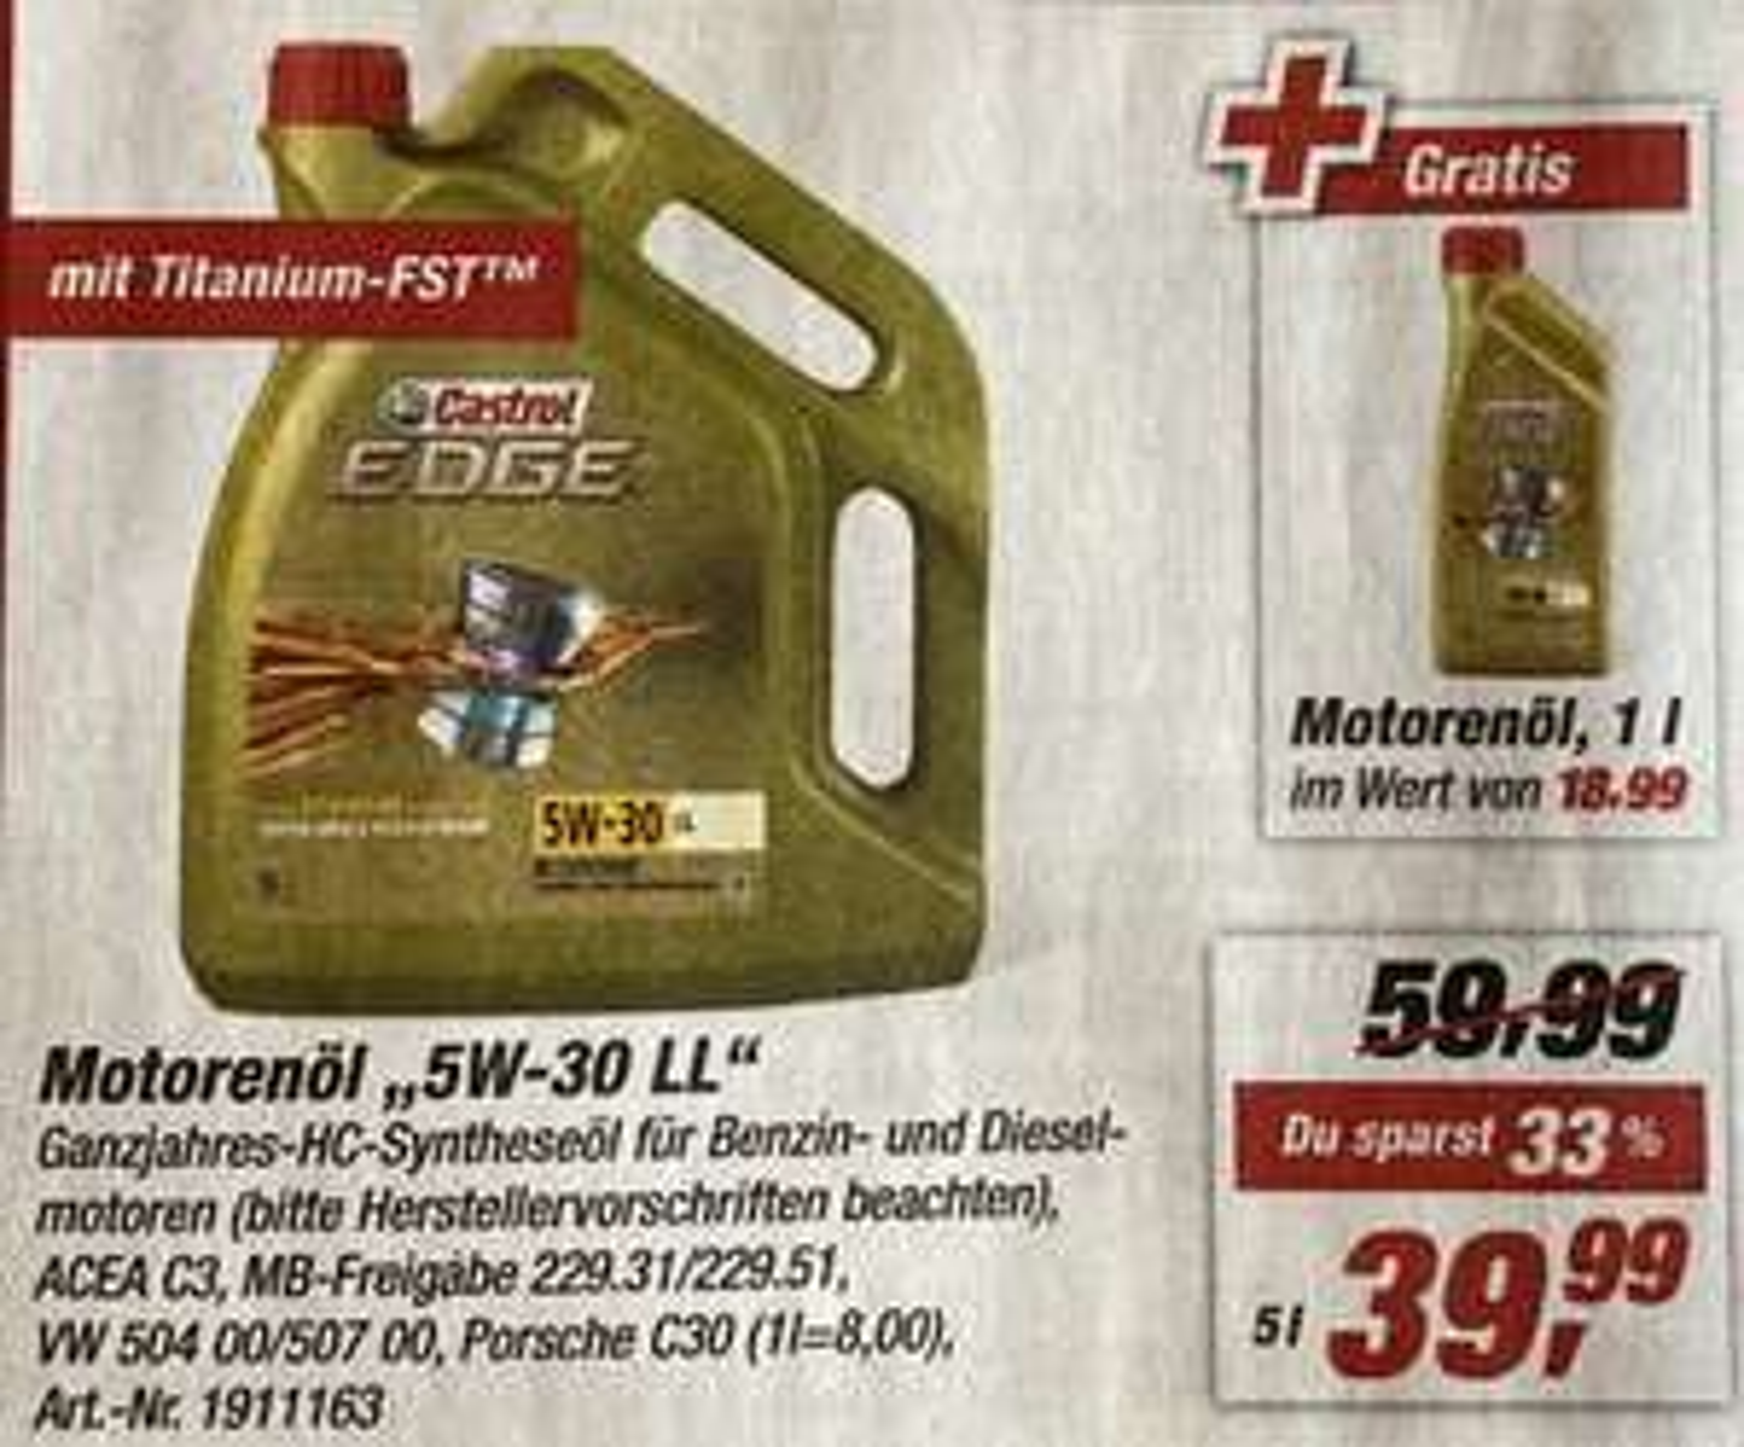 [Toom]6 Liter CASTROL EDGE TITANIUM FST 5W-30 LL (6,66€/L)